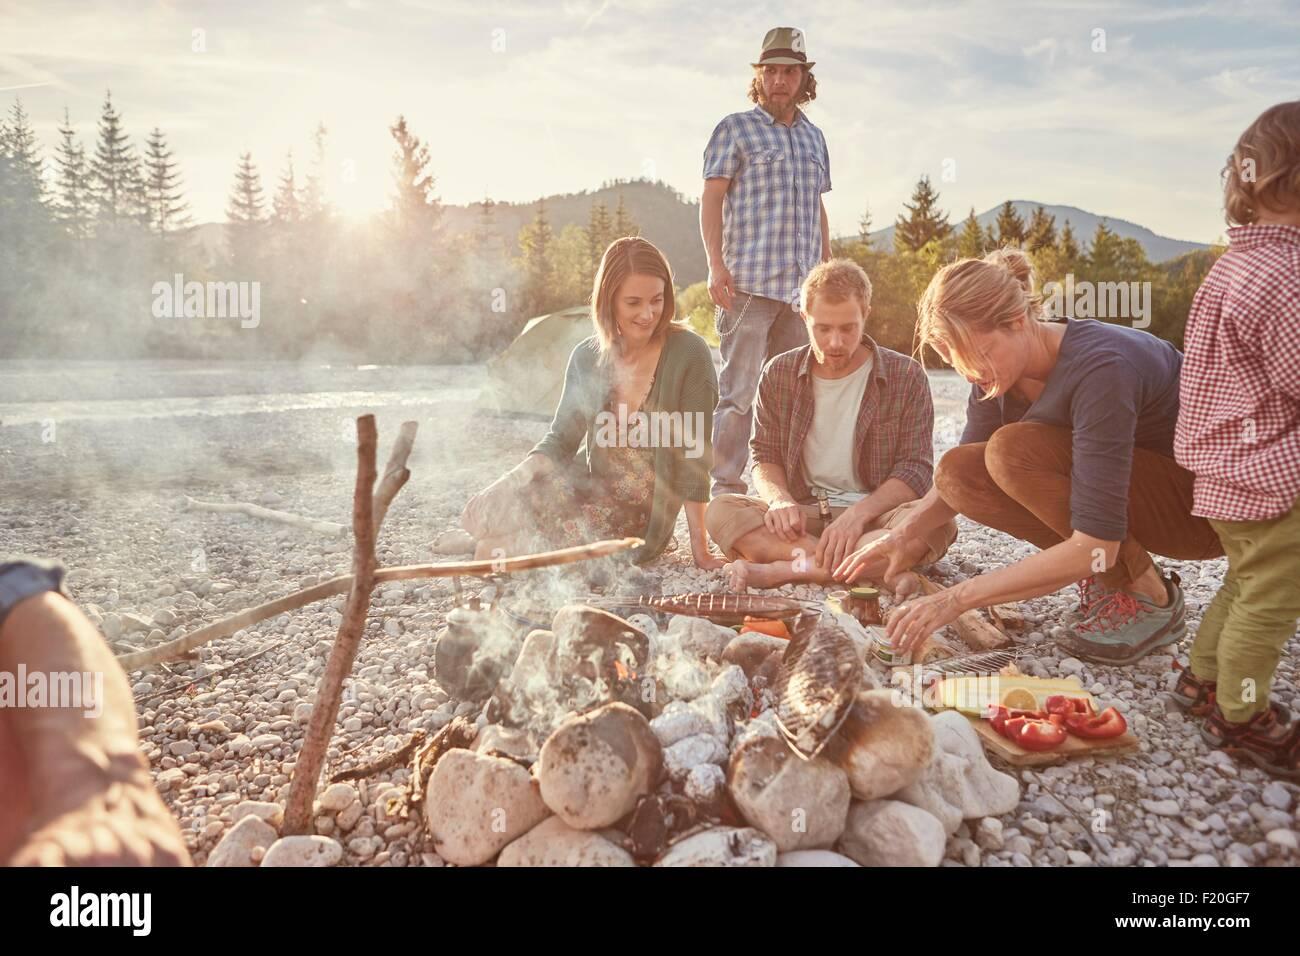 Familie, sitzen am Lagerfeuer, Zubereitung von Speisen Stockbild